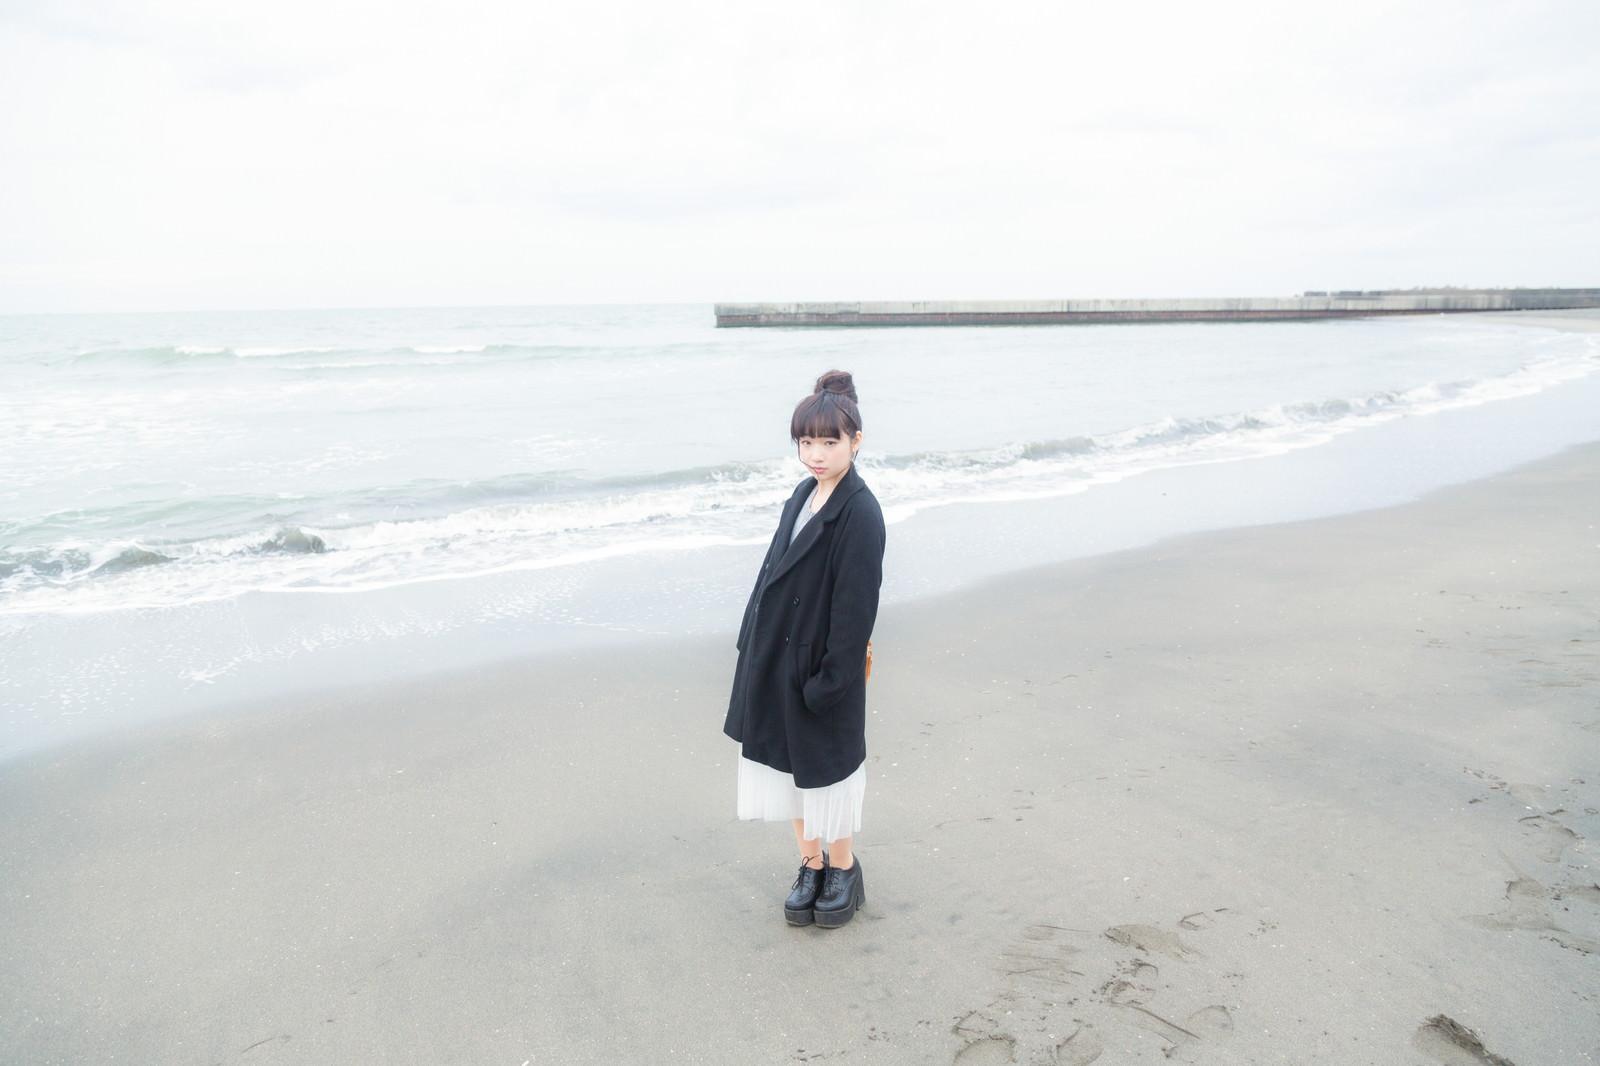 「冬の海とお団子ガール冬の海とお団子ガール」[モデル:渡辺友美子]のフリー写真素材を拡大